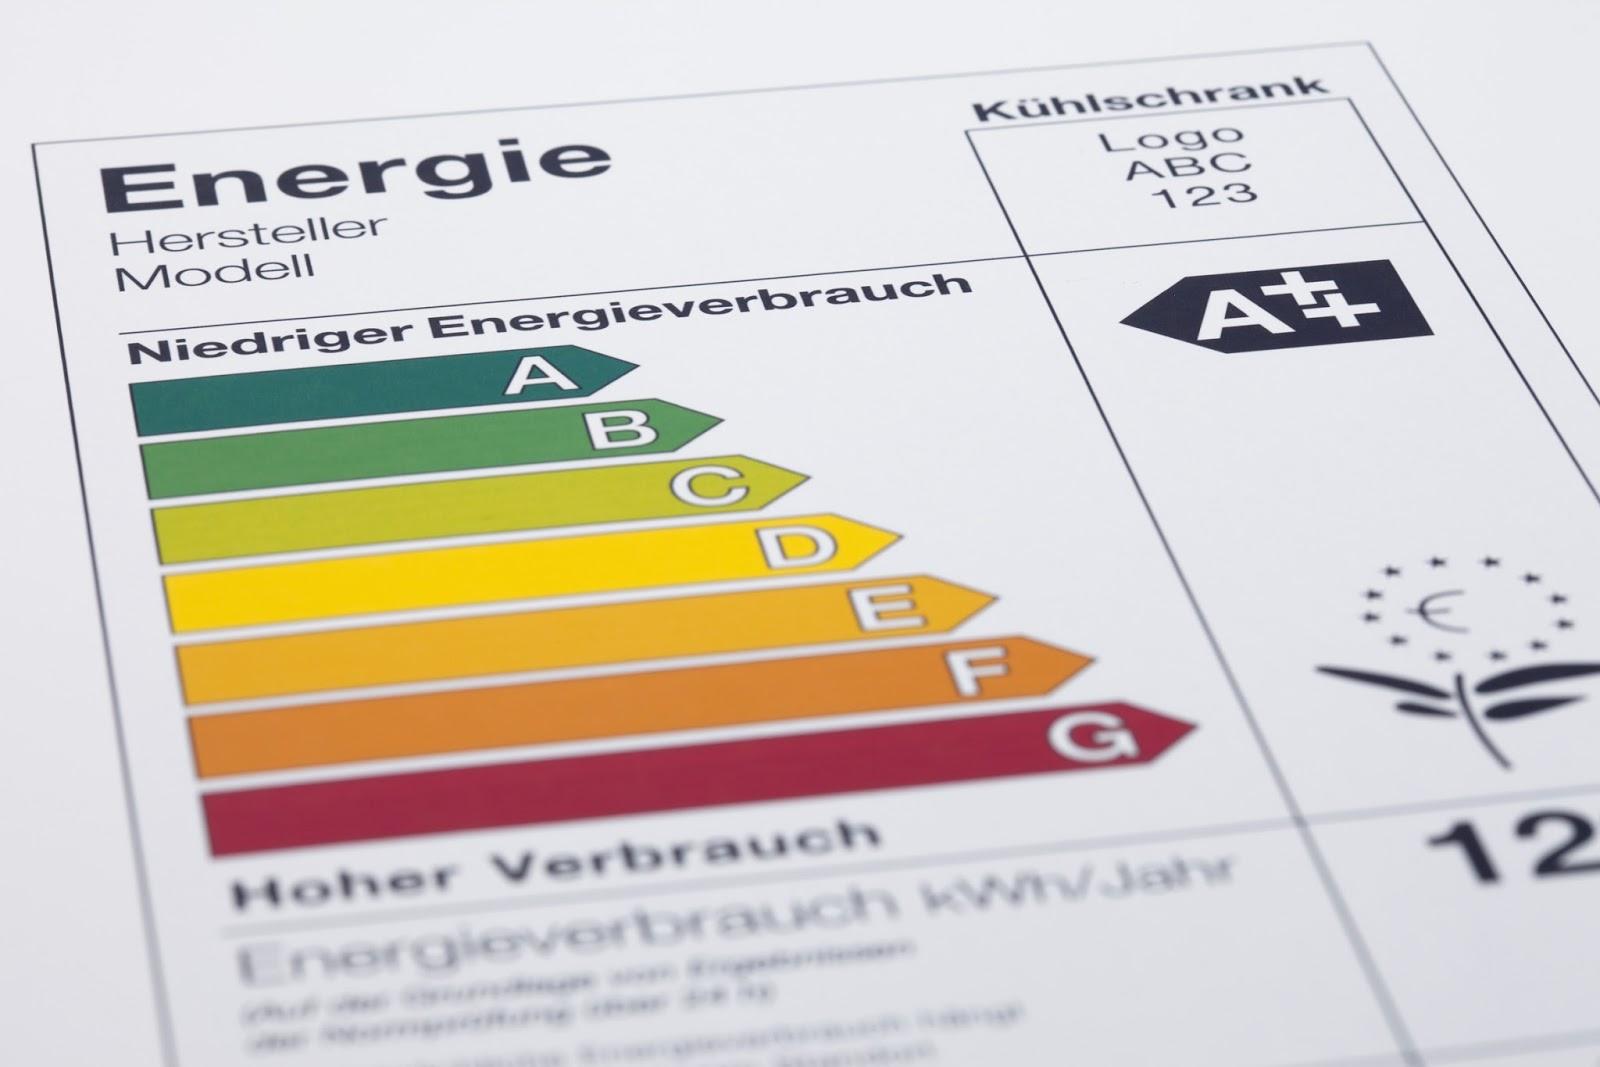 Νέα ενεργειακή σήμανση για τις οικιακές συσκευές ζητεί το Ευρωκοινοβούλιο